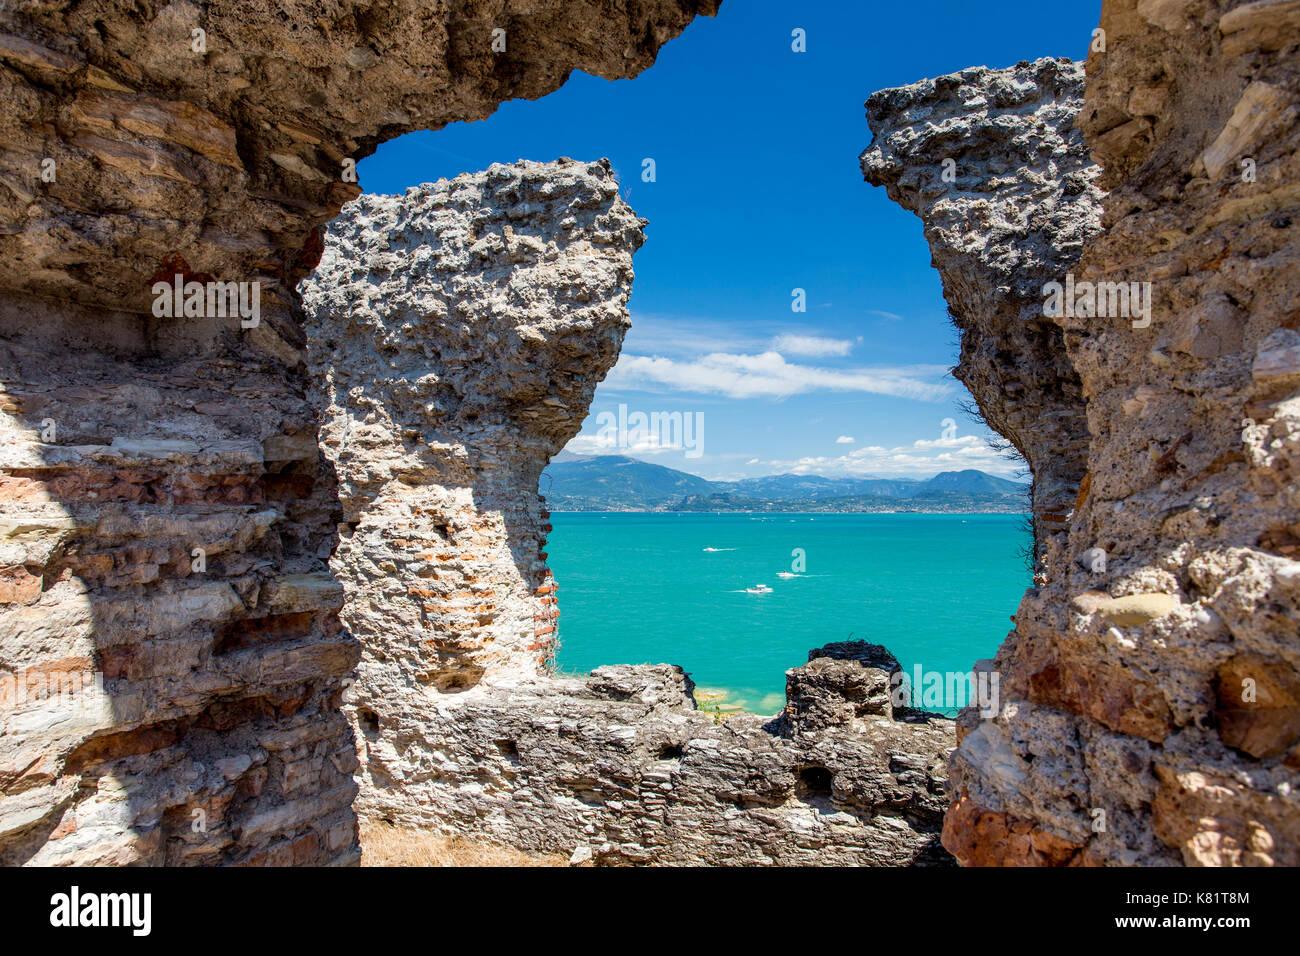 Grotte di Catullo Roman villa archeological site on Sirmione, Lake Garda, Italy Stock Photo